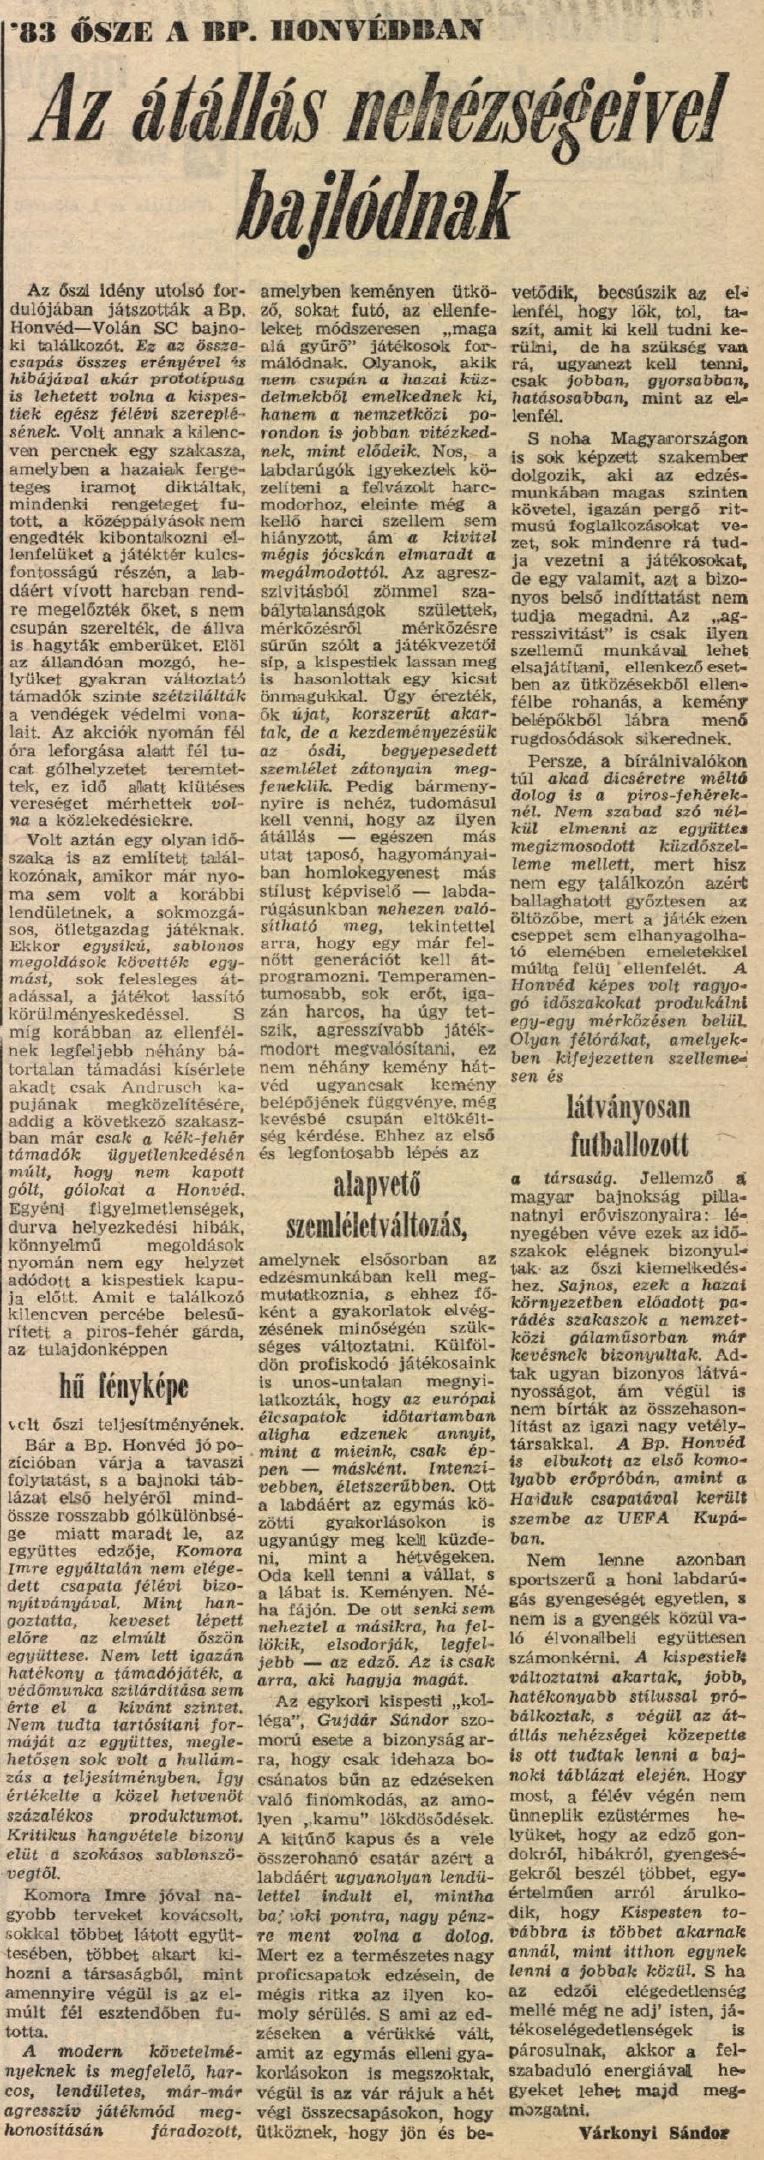 idokapszula_nb_i_1983_84_oszi_zaras_merlegen_a_felsohaz_2_bp_honved.jpg